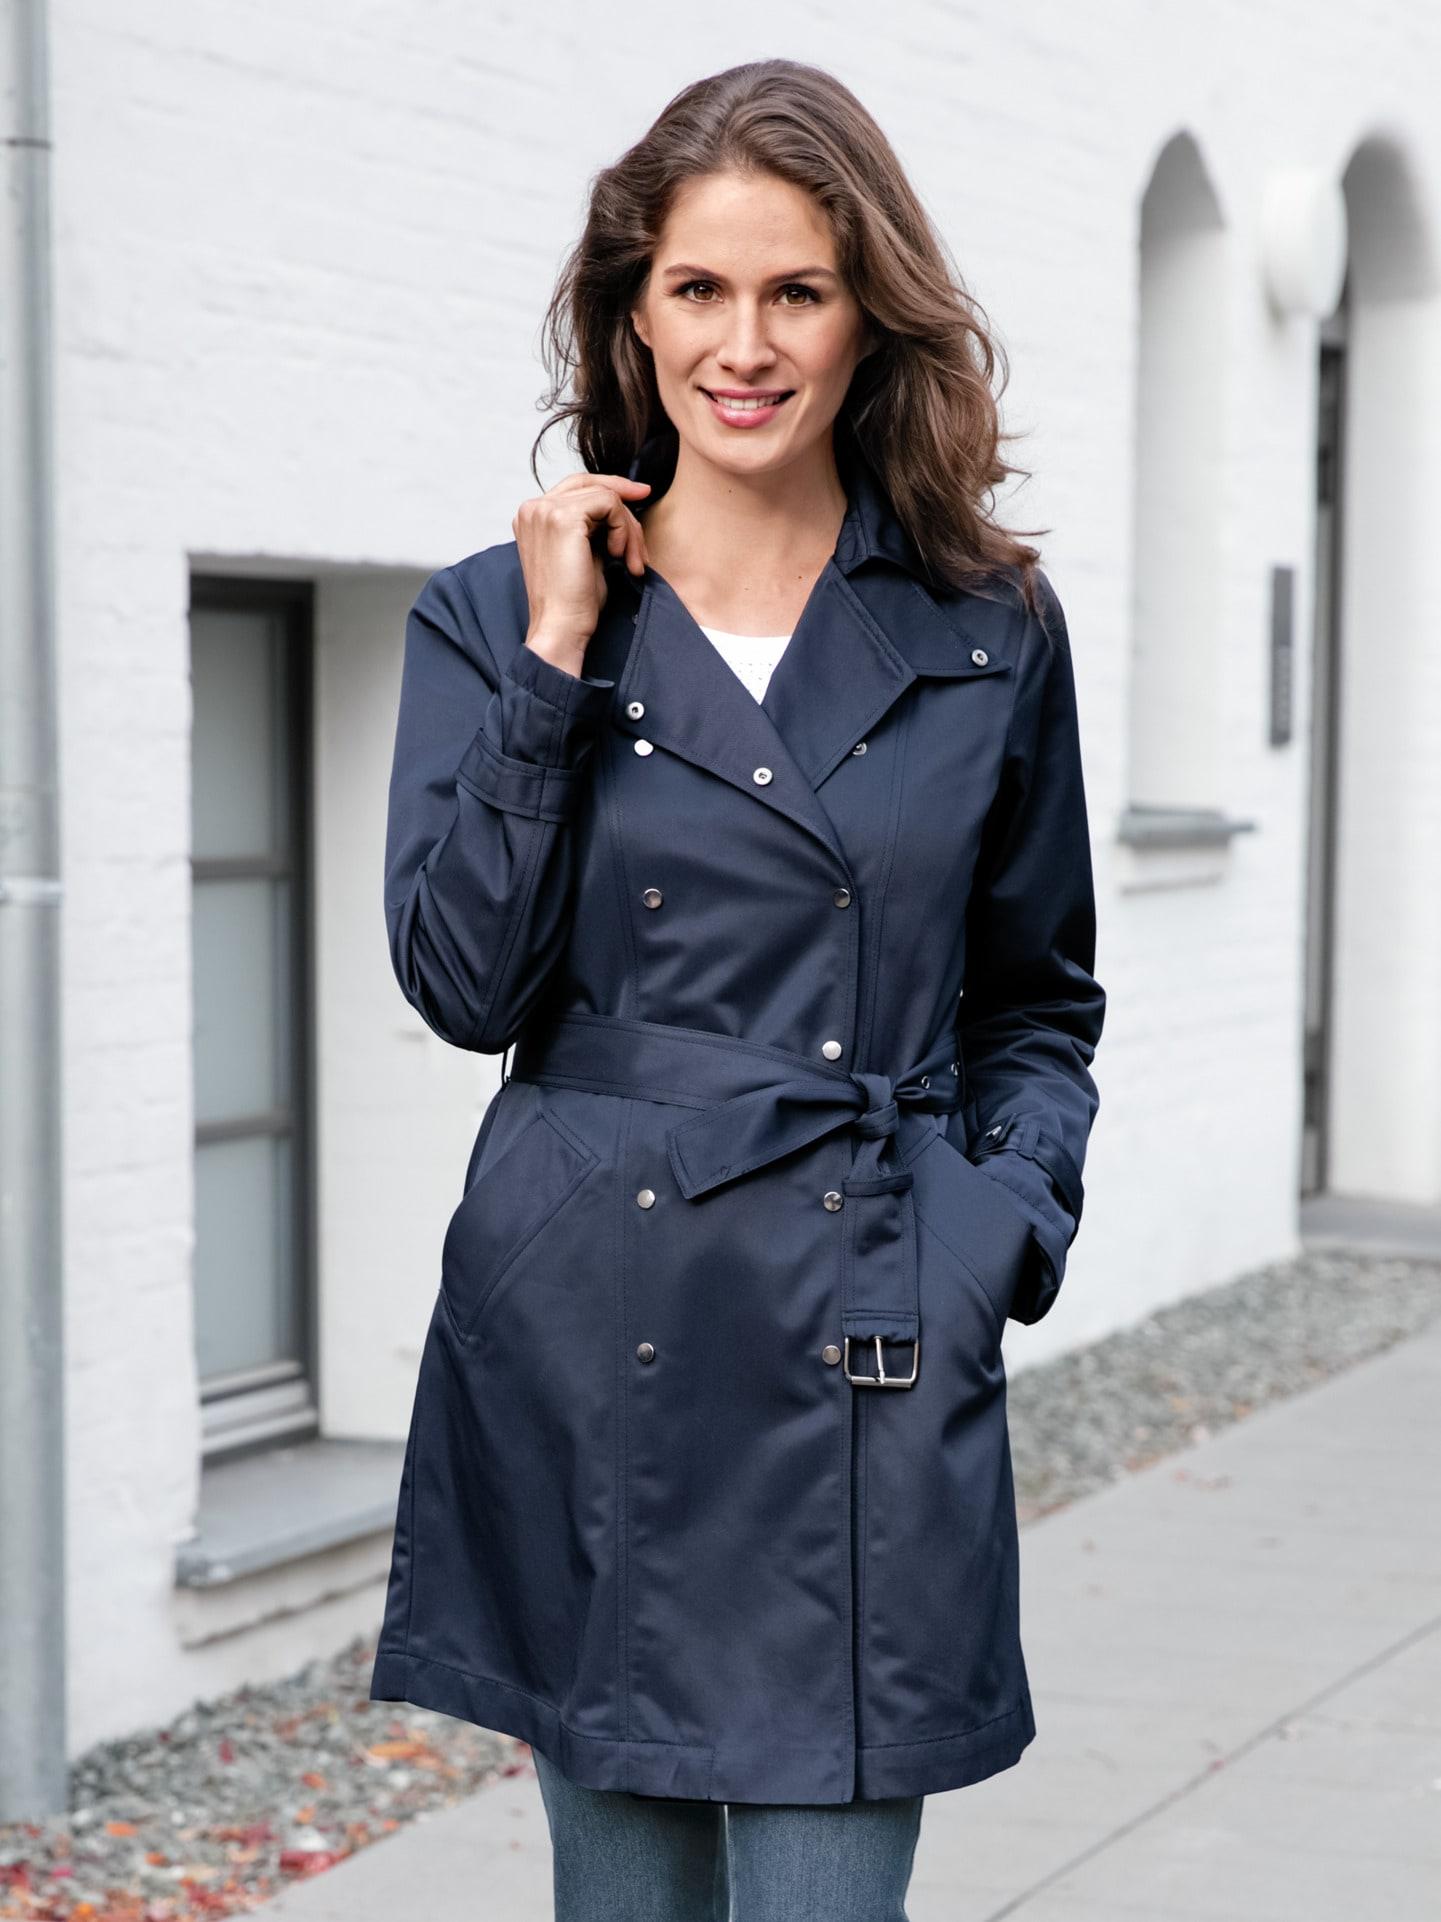 Avena Damen Trenchcoat Wind & Wetter Blau 44-5340-6